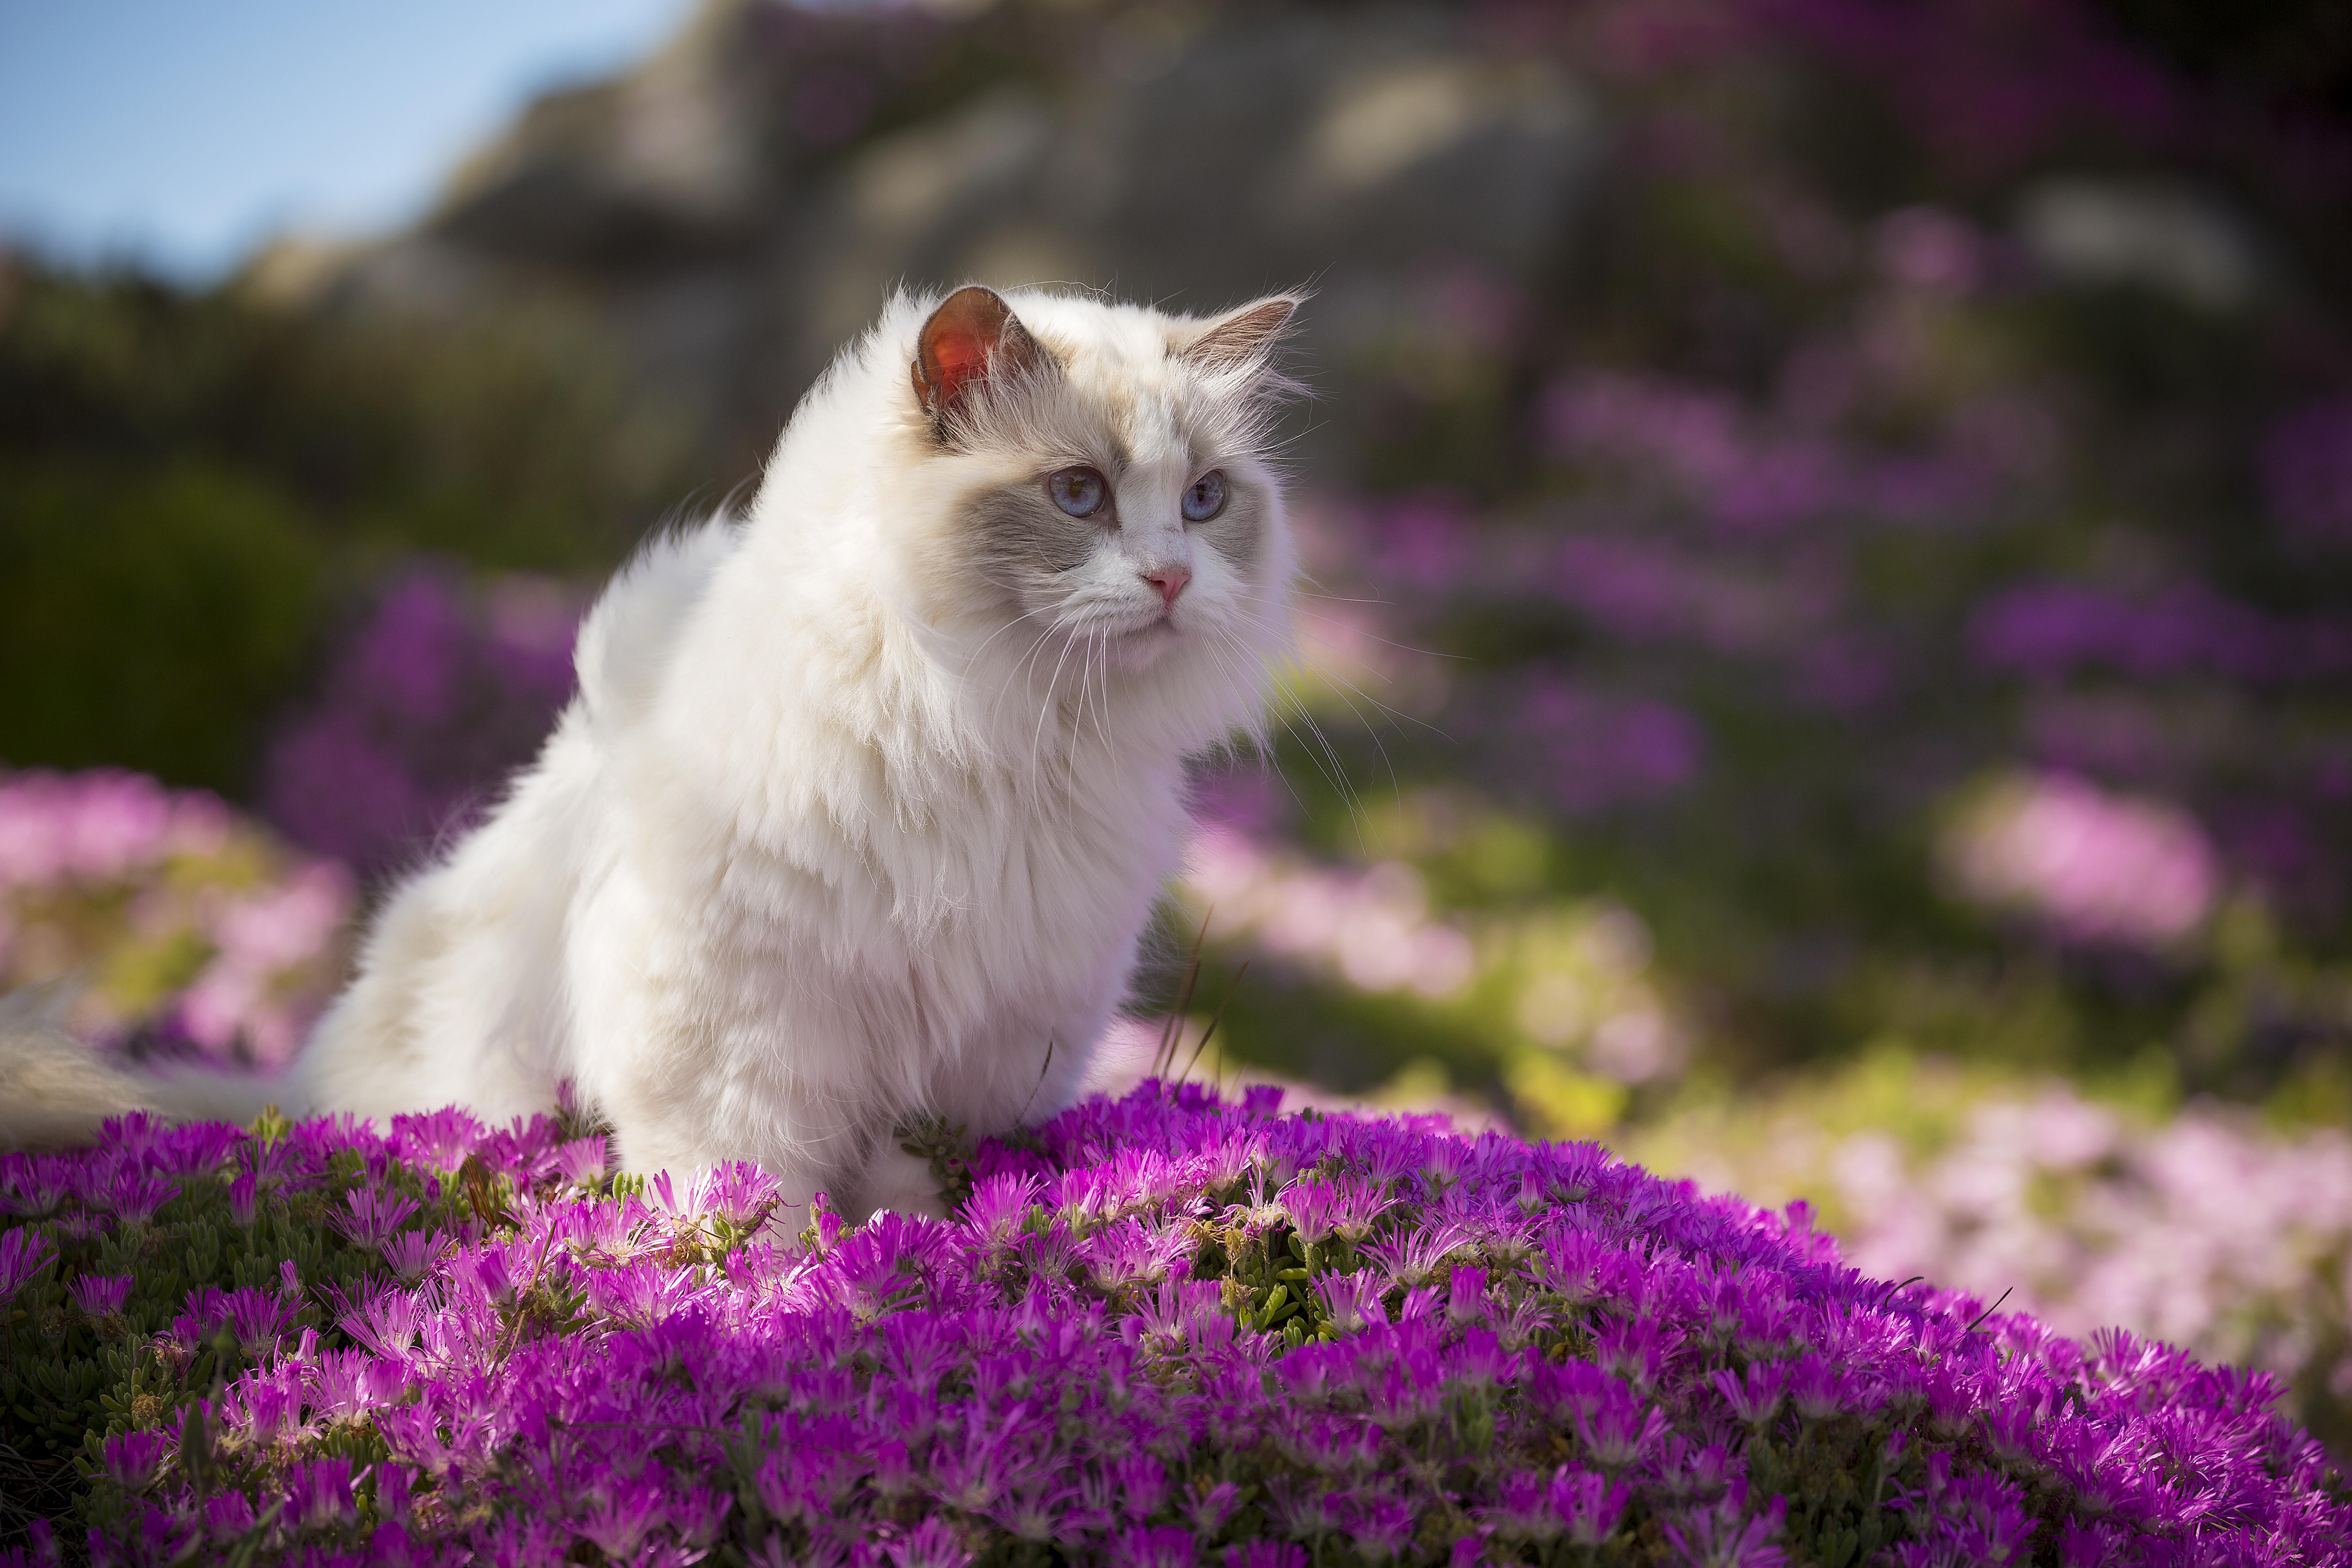 Majestic ragdoll cat standing in a field of flowers.